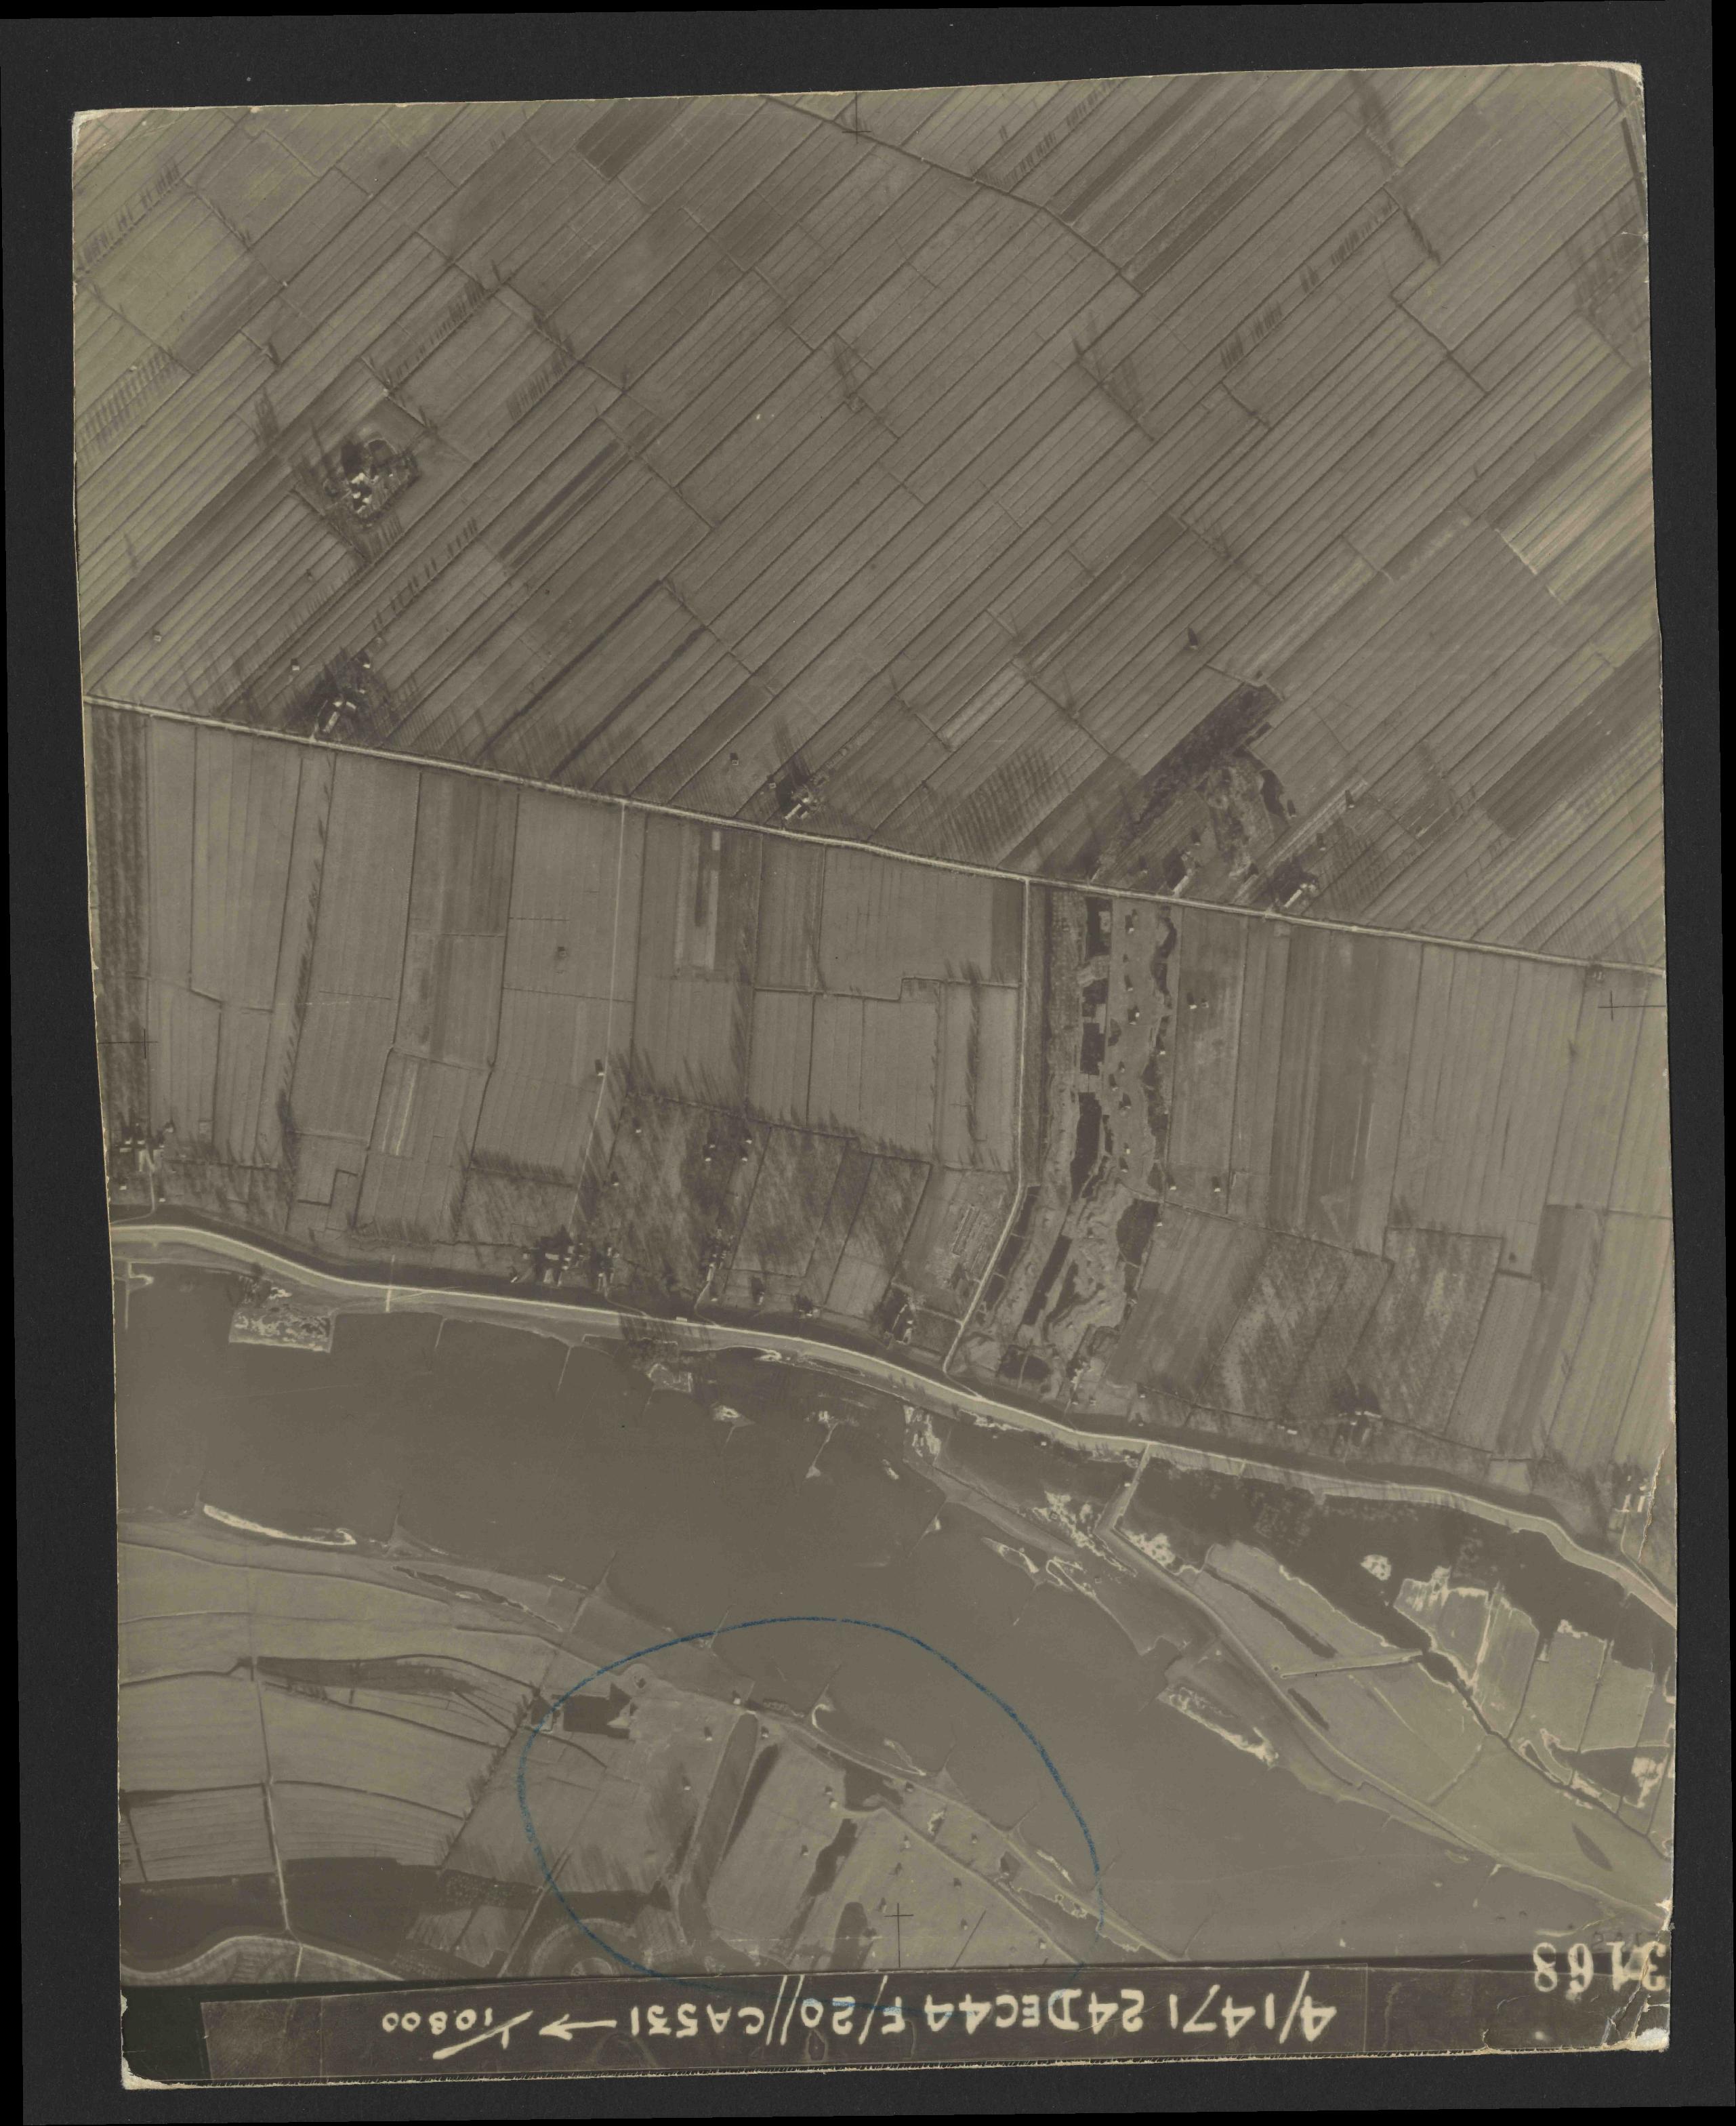 Collection RAF aerial photos 1940-1945 - flight 125, run 05, photo 3168